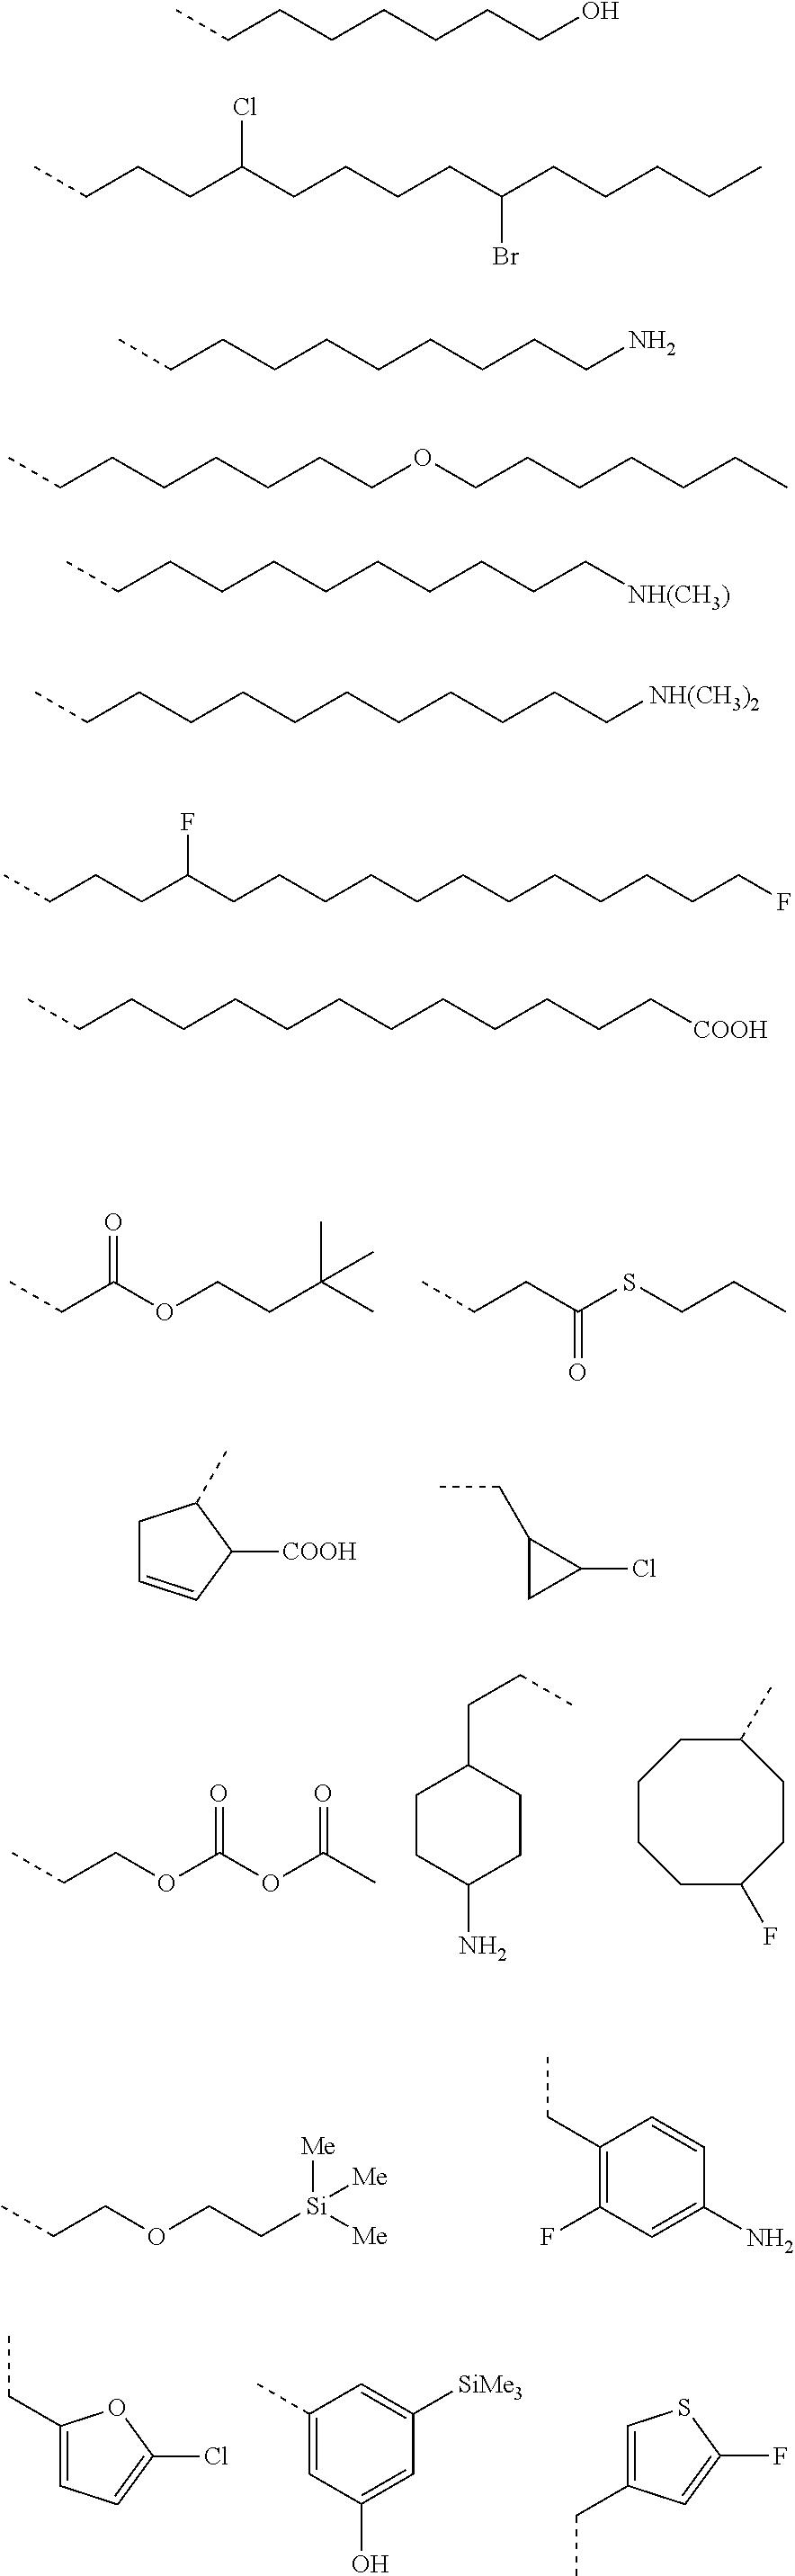 Figure US07671095-20100302-C00043